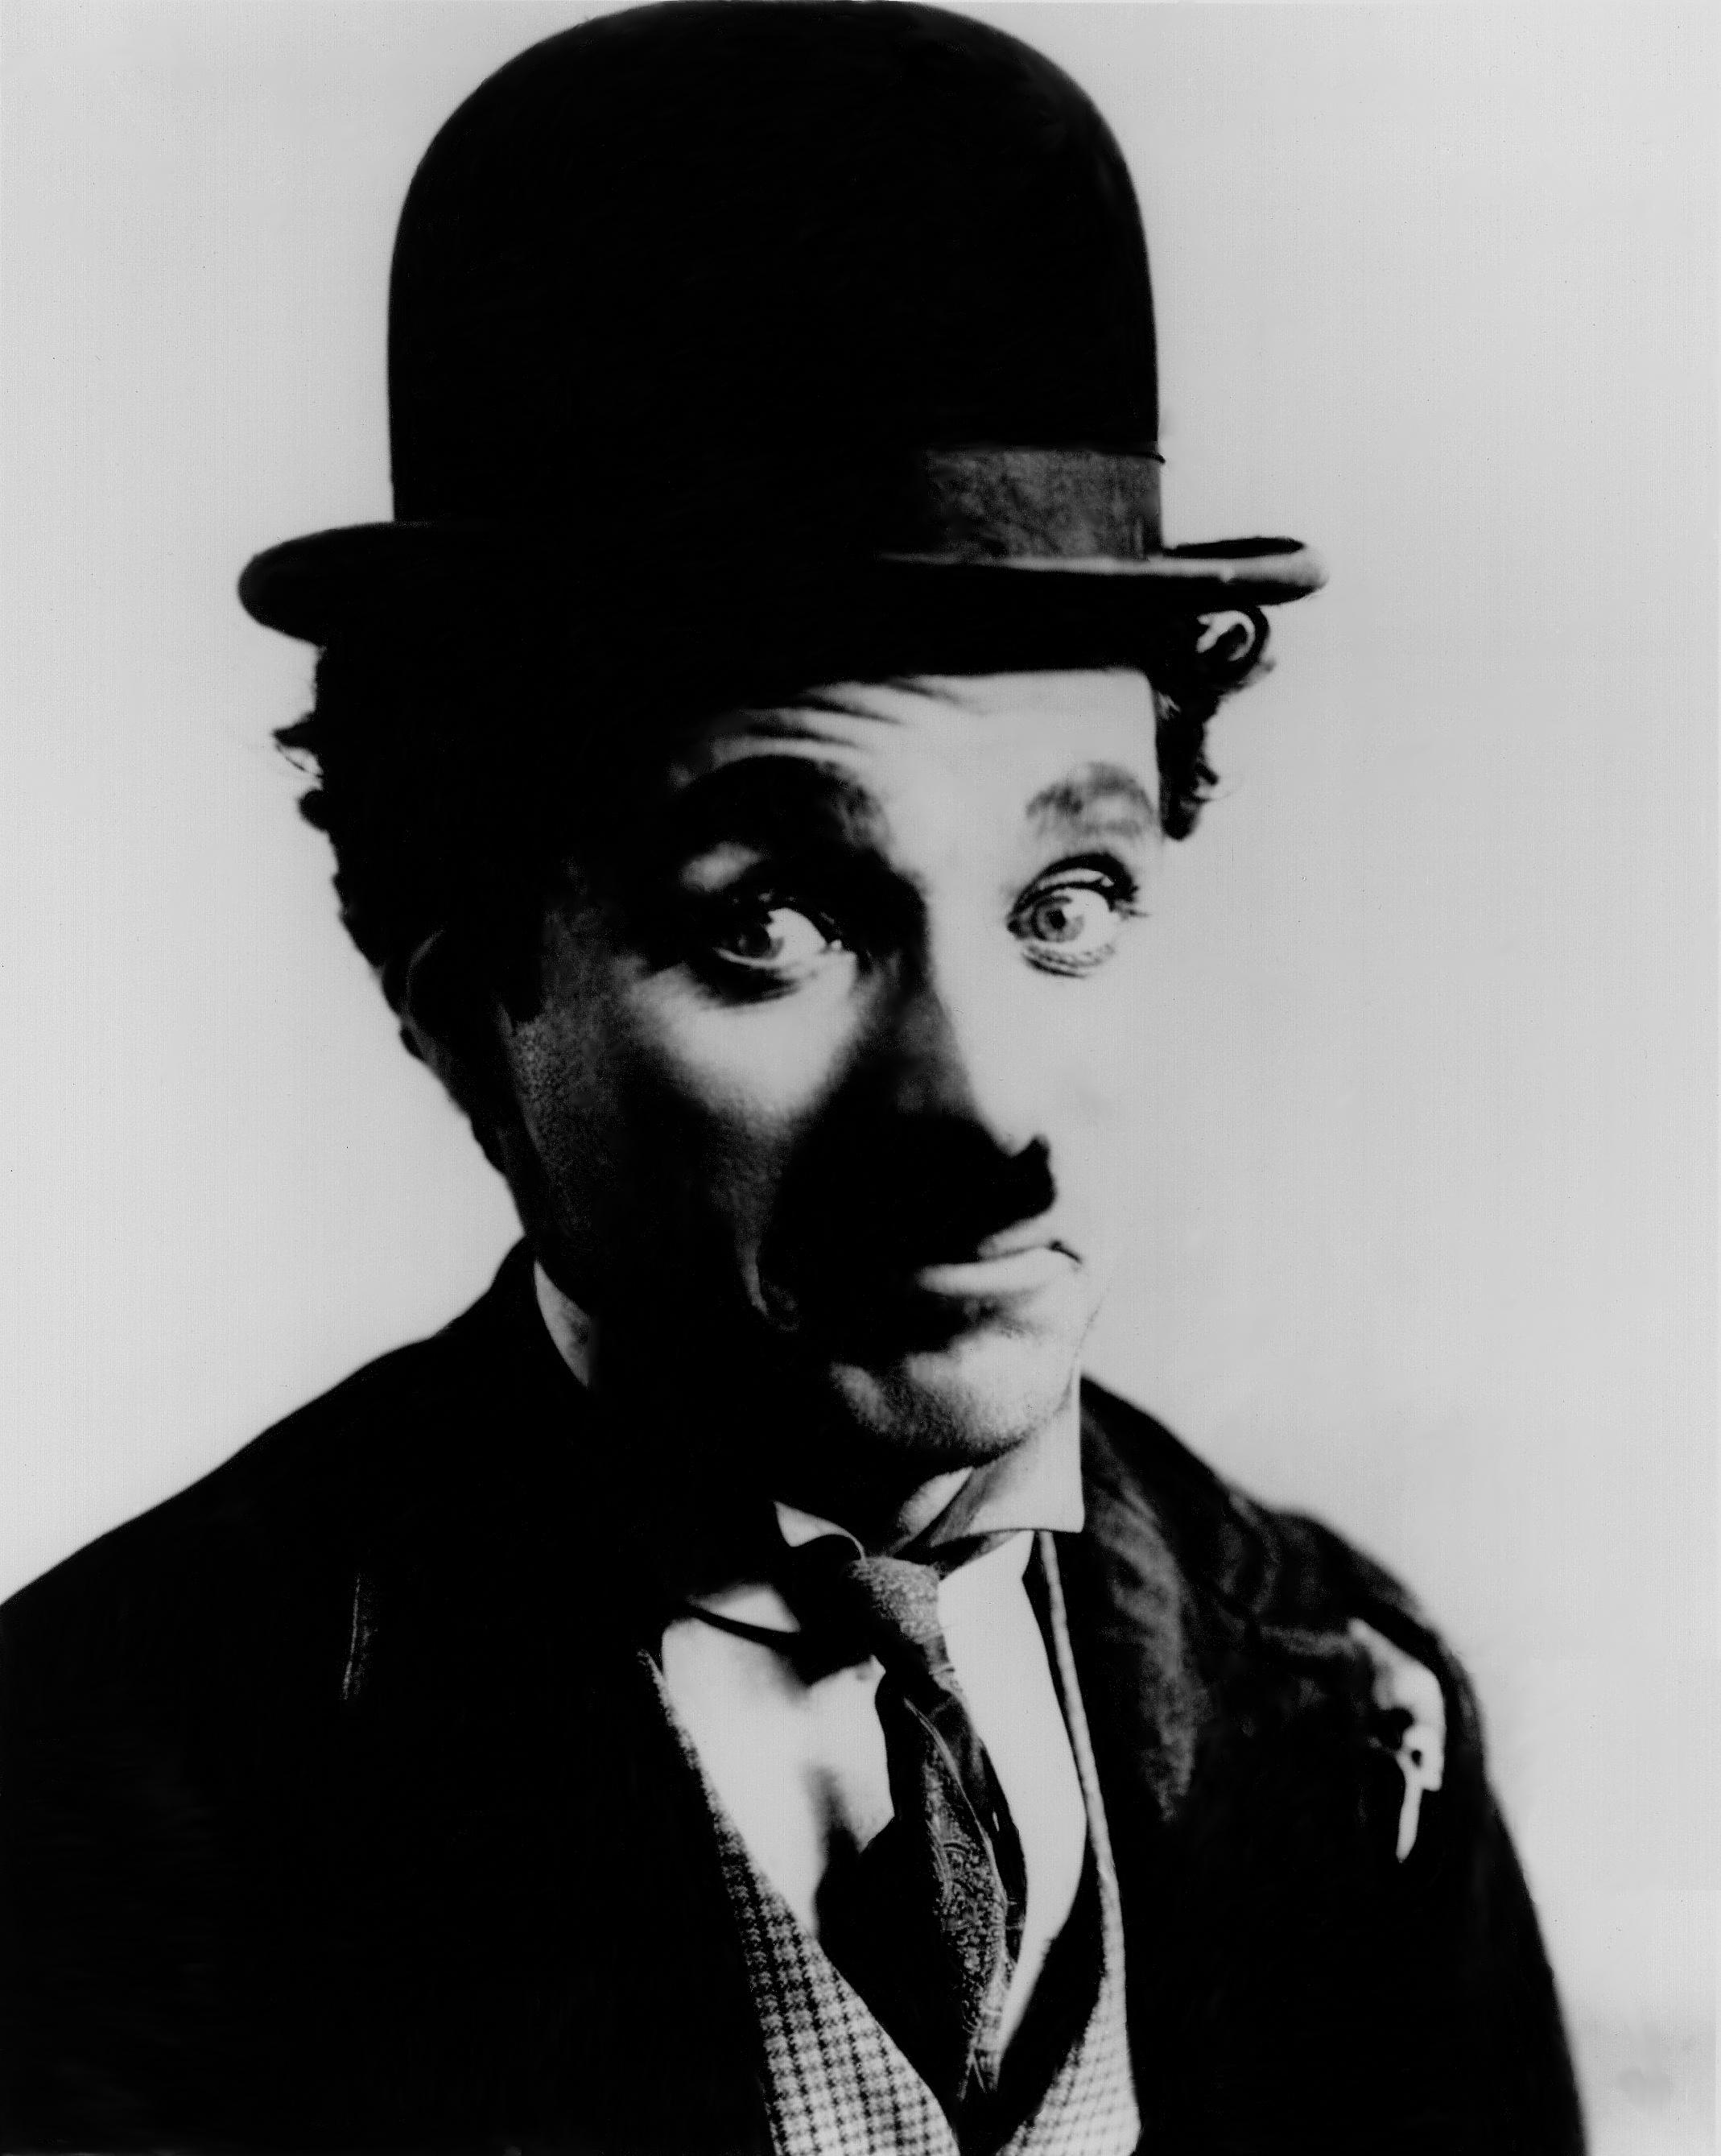 charles chaplin Tumba de charles chaplin el actor charlie chaplin murió en vevey (suiza) el 25 de diciembre de 1977 a los 88 años de edad nació el 16 de abril de 1889,.